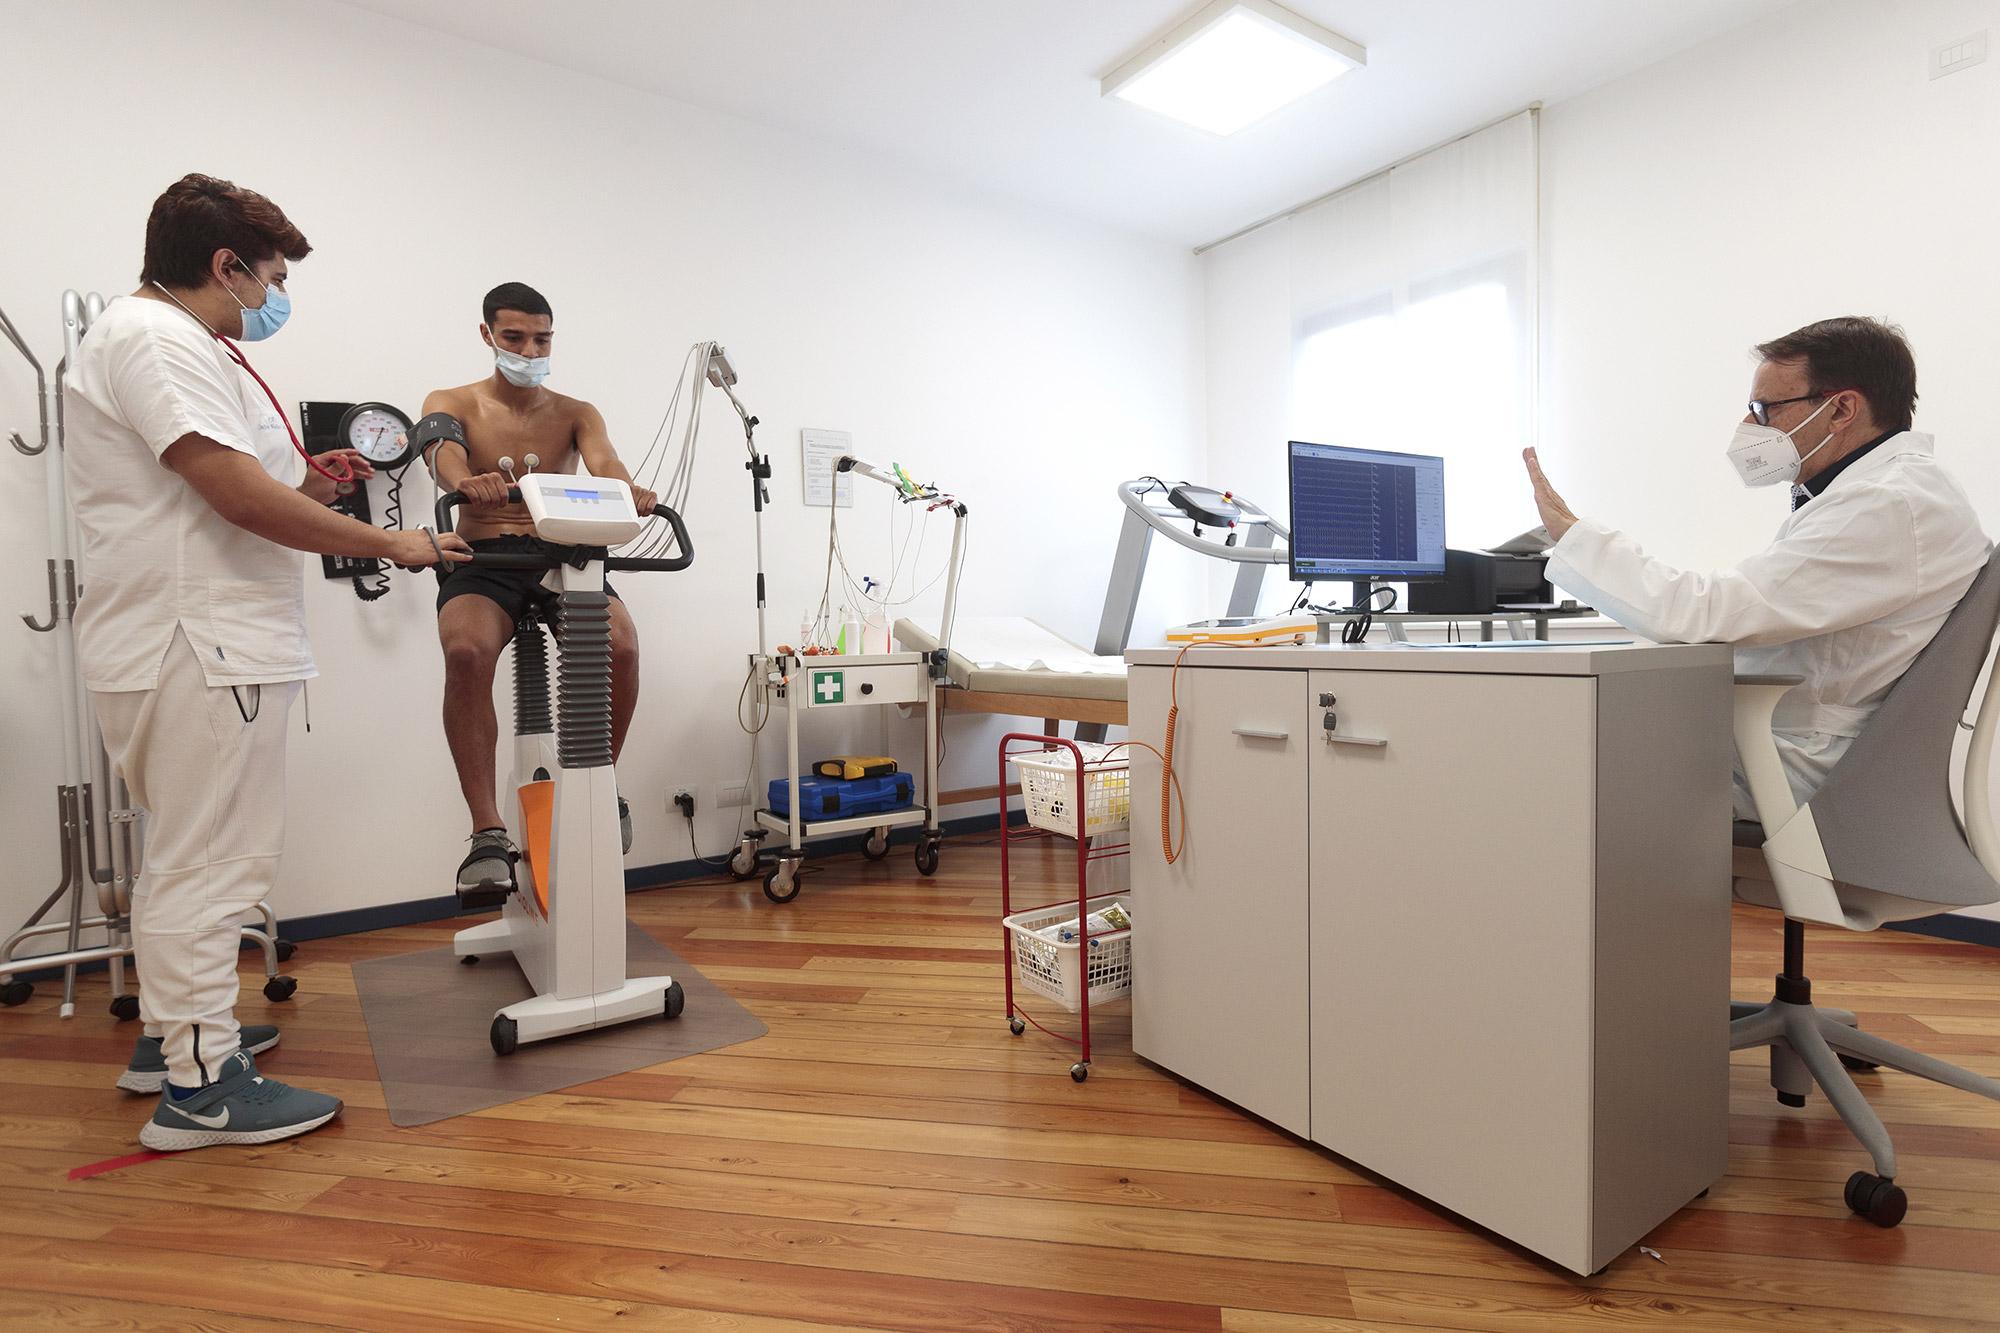 I giocatori del Como durante la visita medica per la pratica sportiva agonistica presso CMC Sport